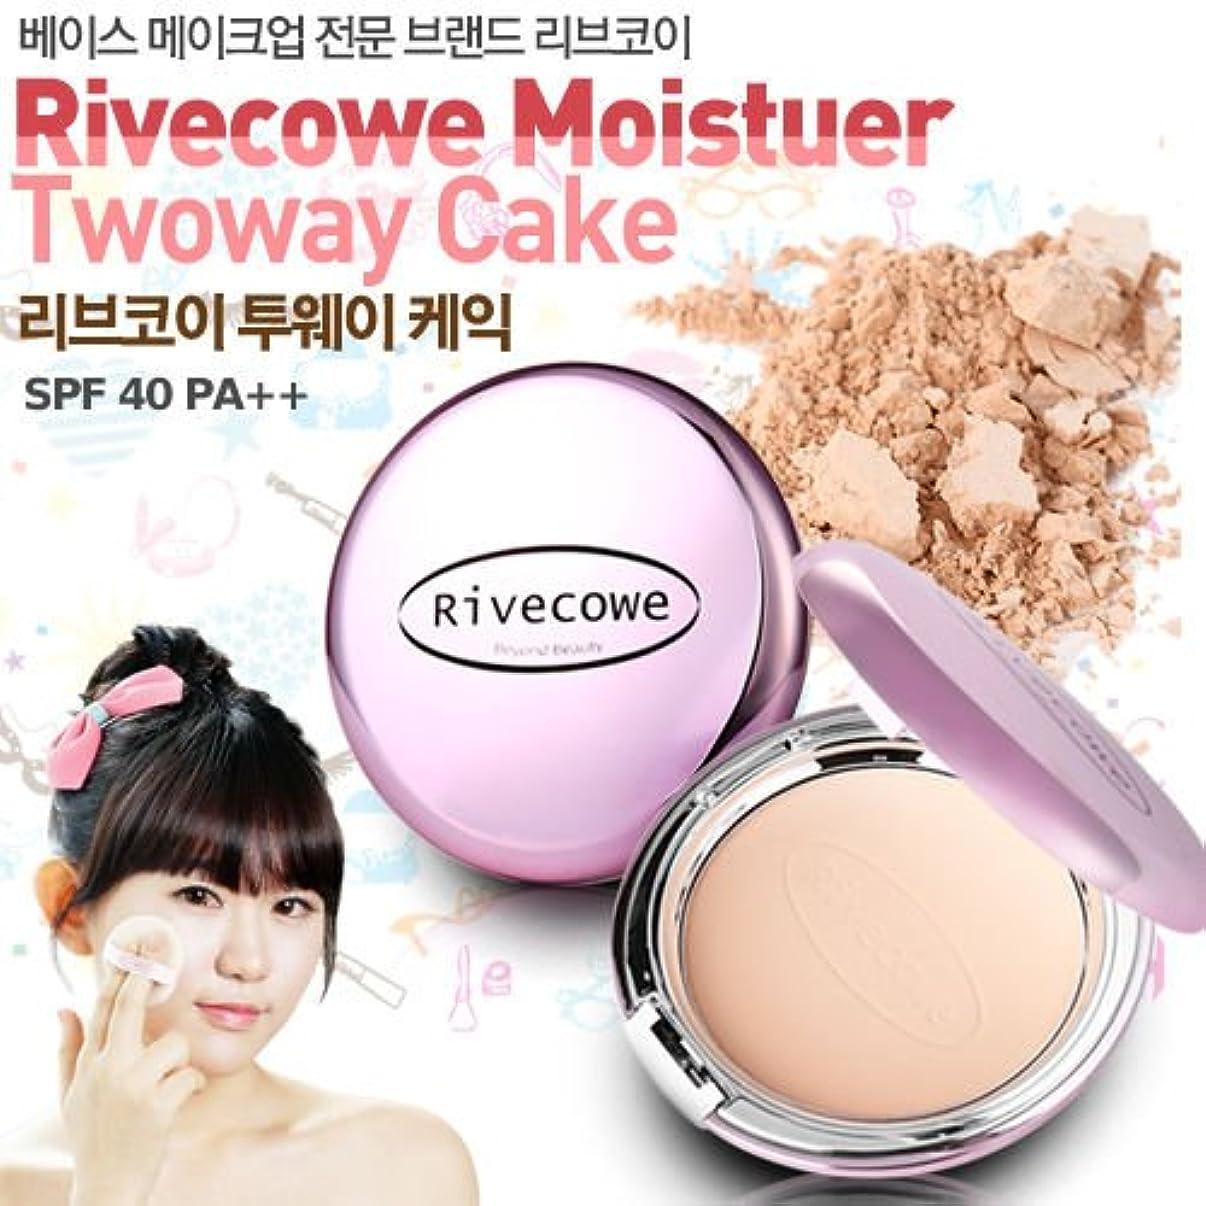 スリット教養があるテンポRivecowe Moisture Twoway Cake (Foundation + Powder) SPF40PA++ 12g (No. 23 Medium Beige) [並行輸入品]